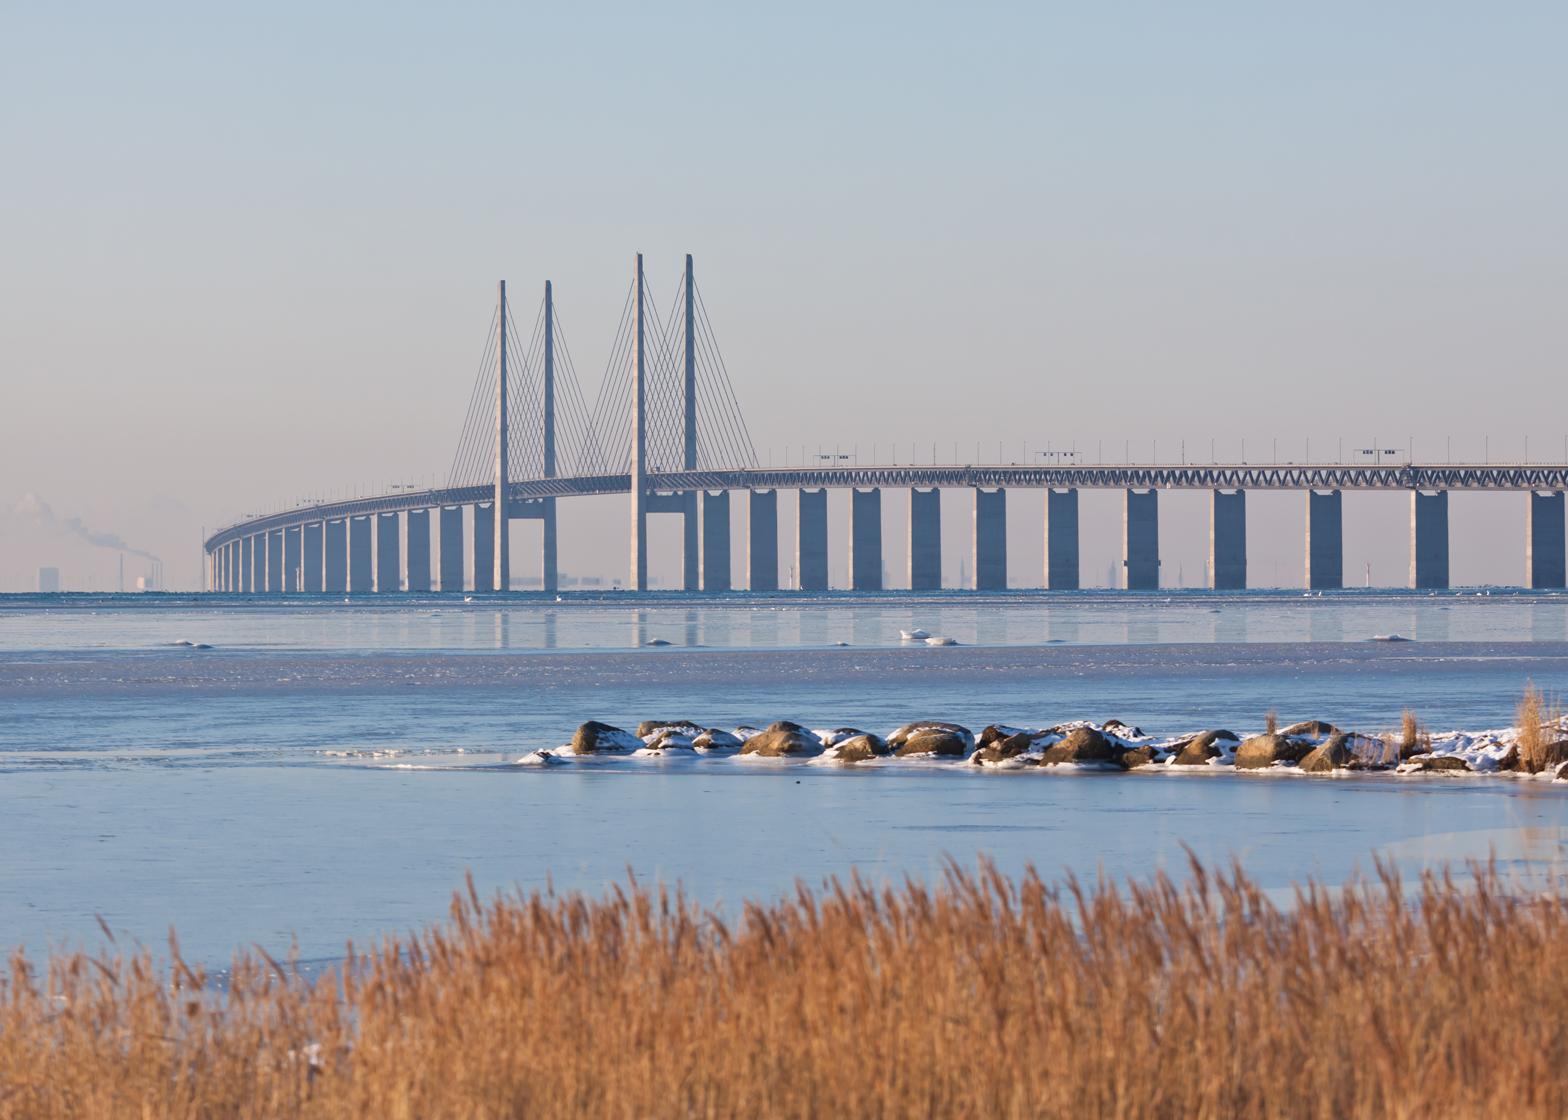 Øresund Bridge by George K.S. Rotne